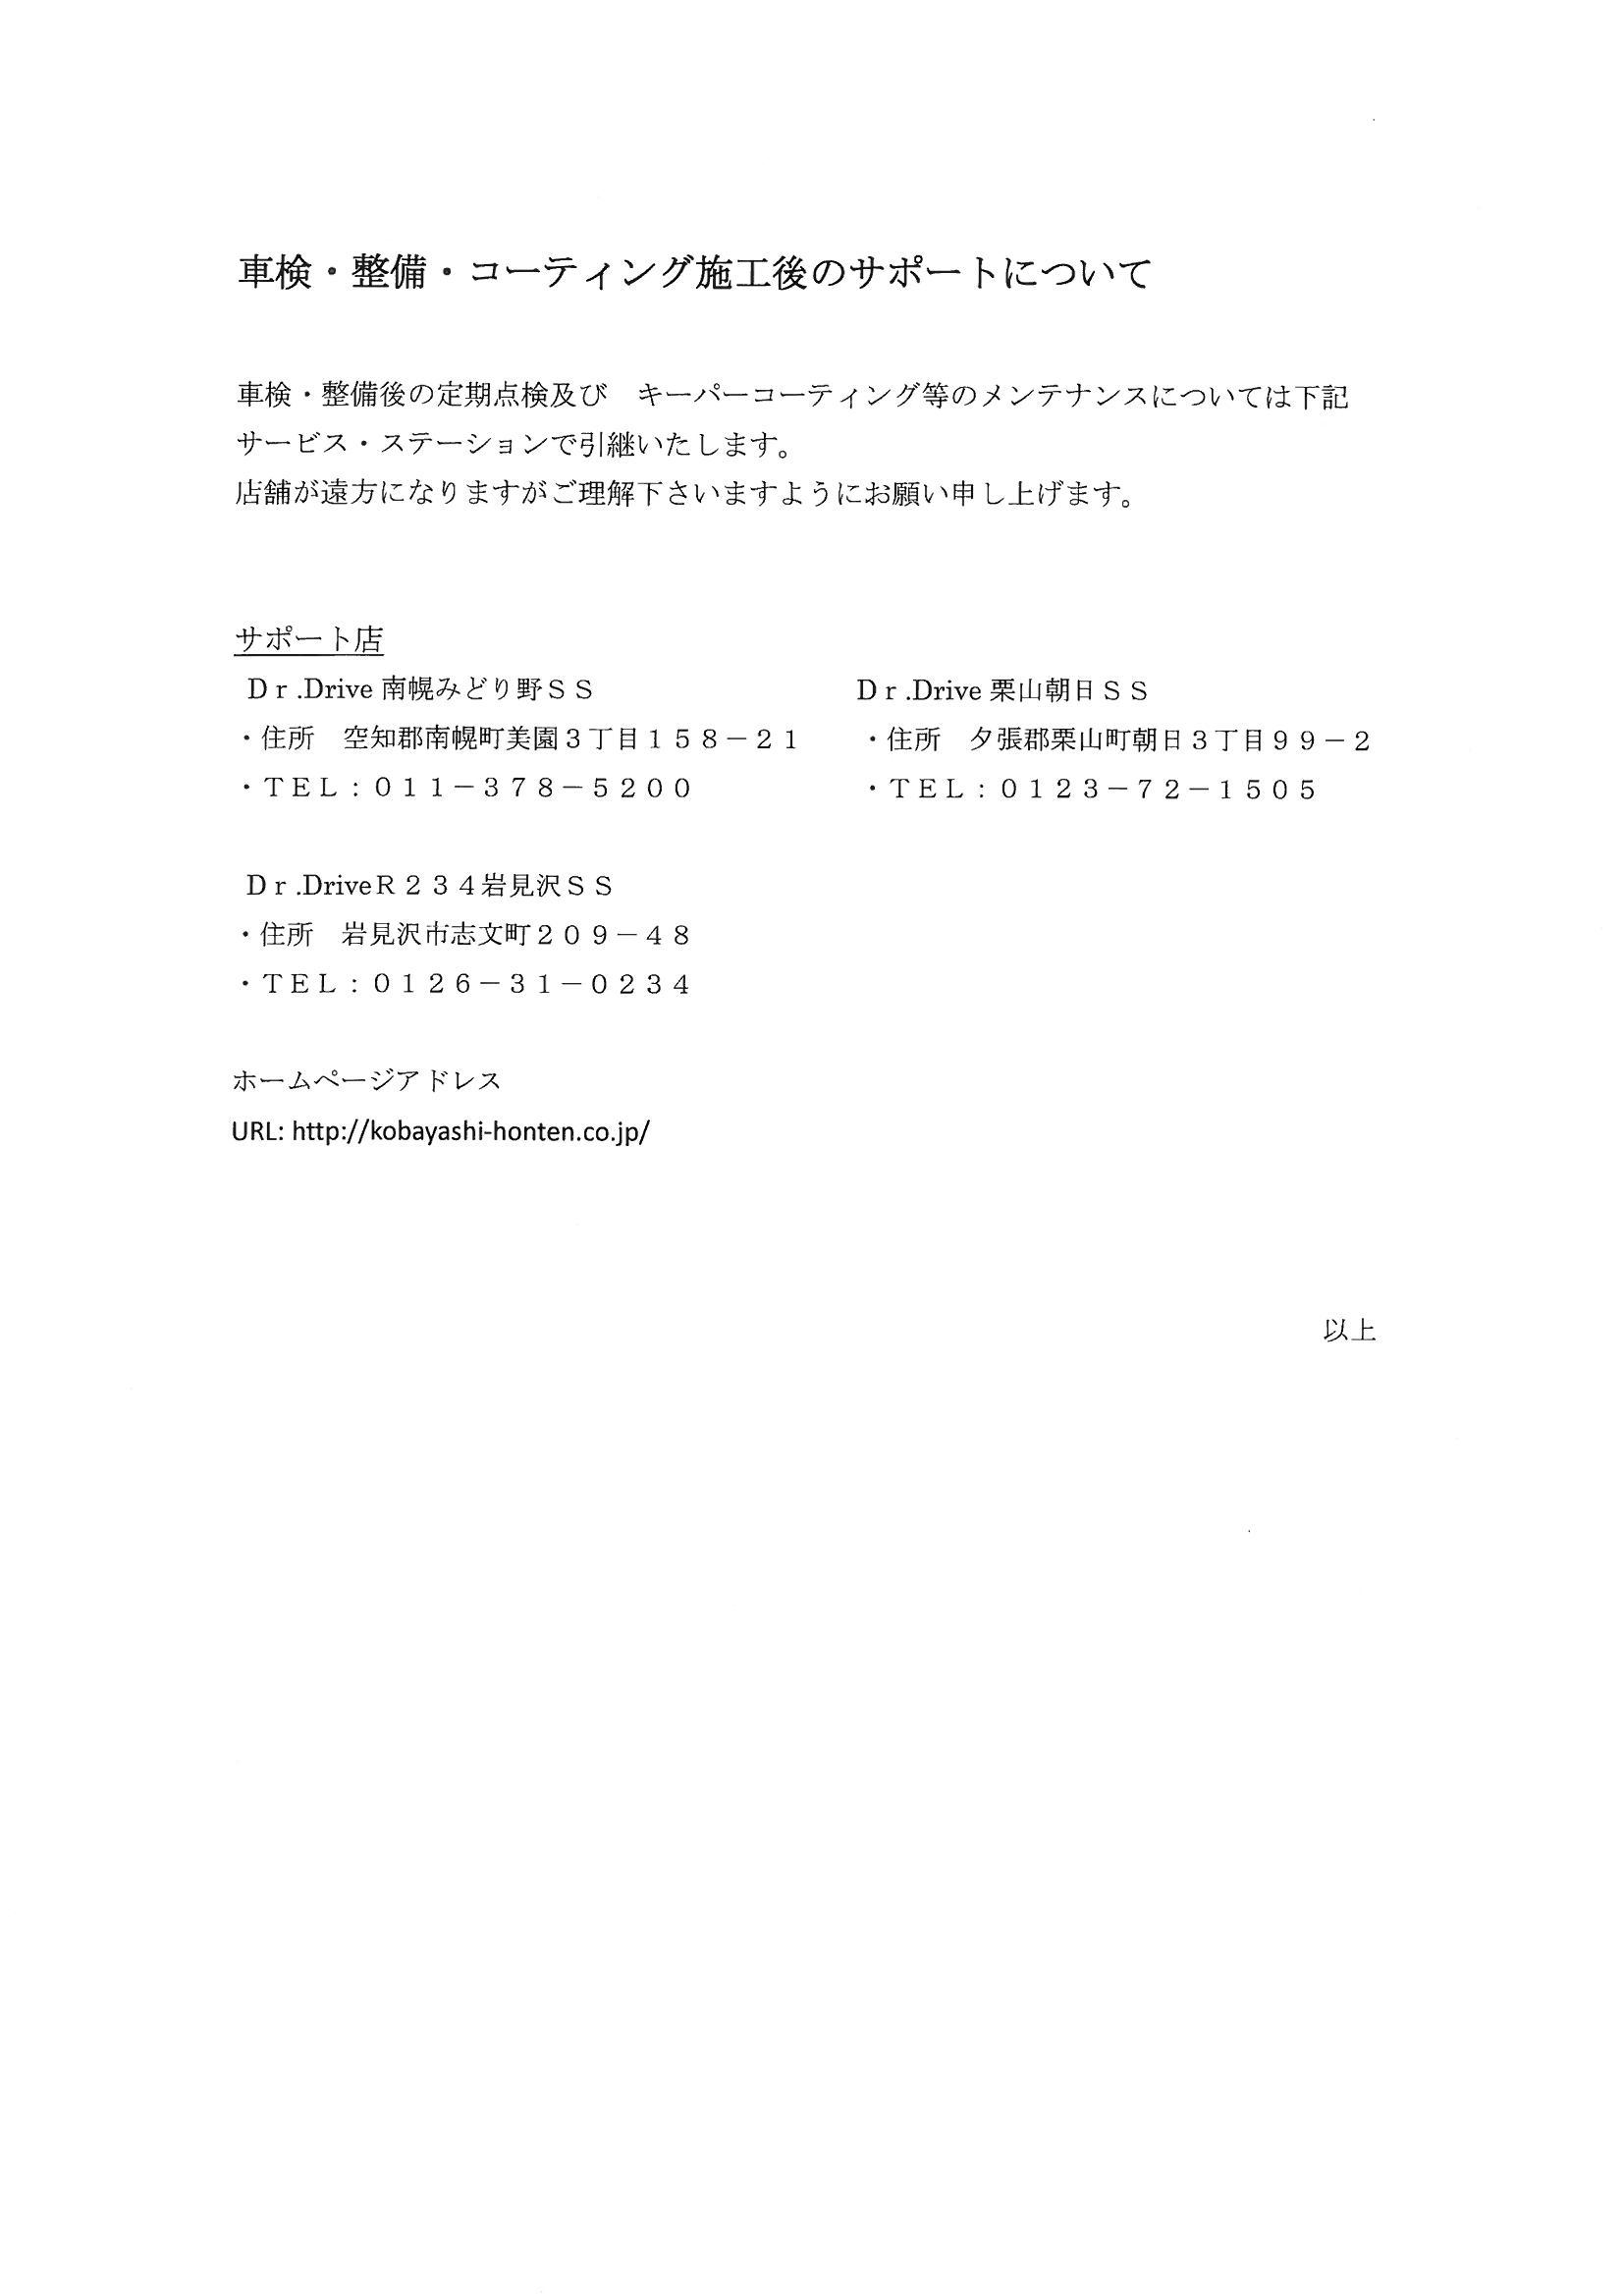 SKMBT_C22018062509340_0002